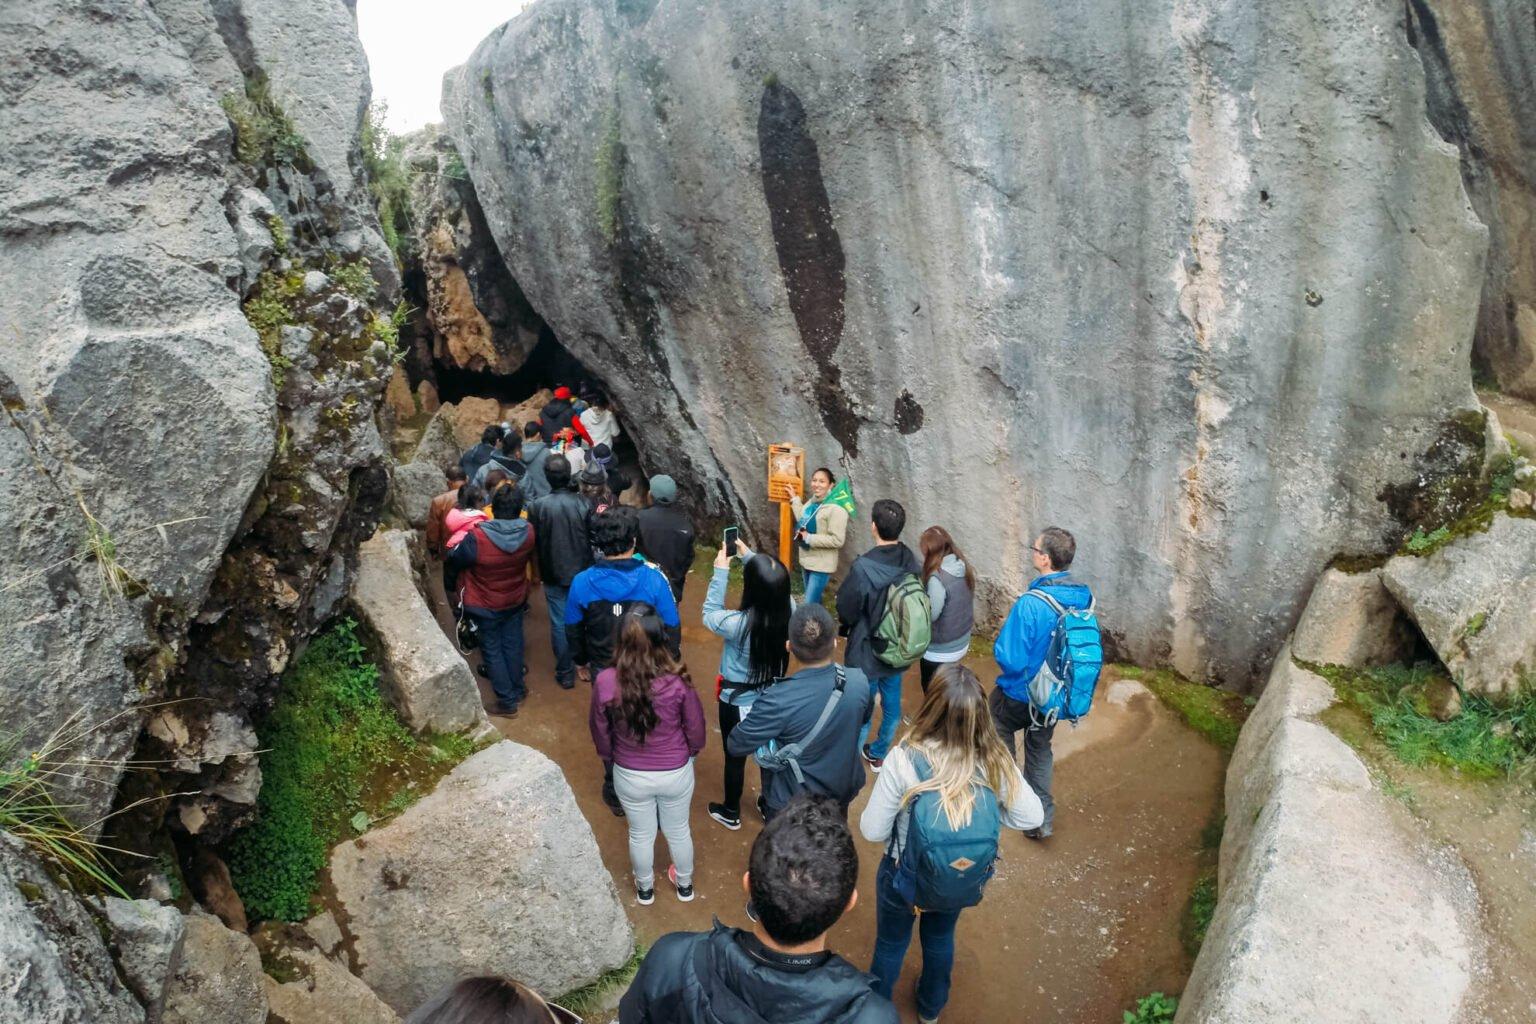 Qenqo: entrada do local onde eram realizados os rituais incas | City Tour em Cusco